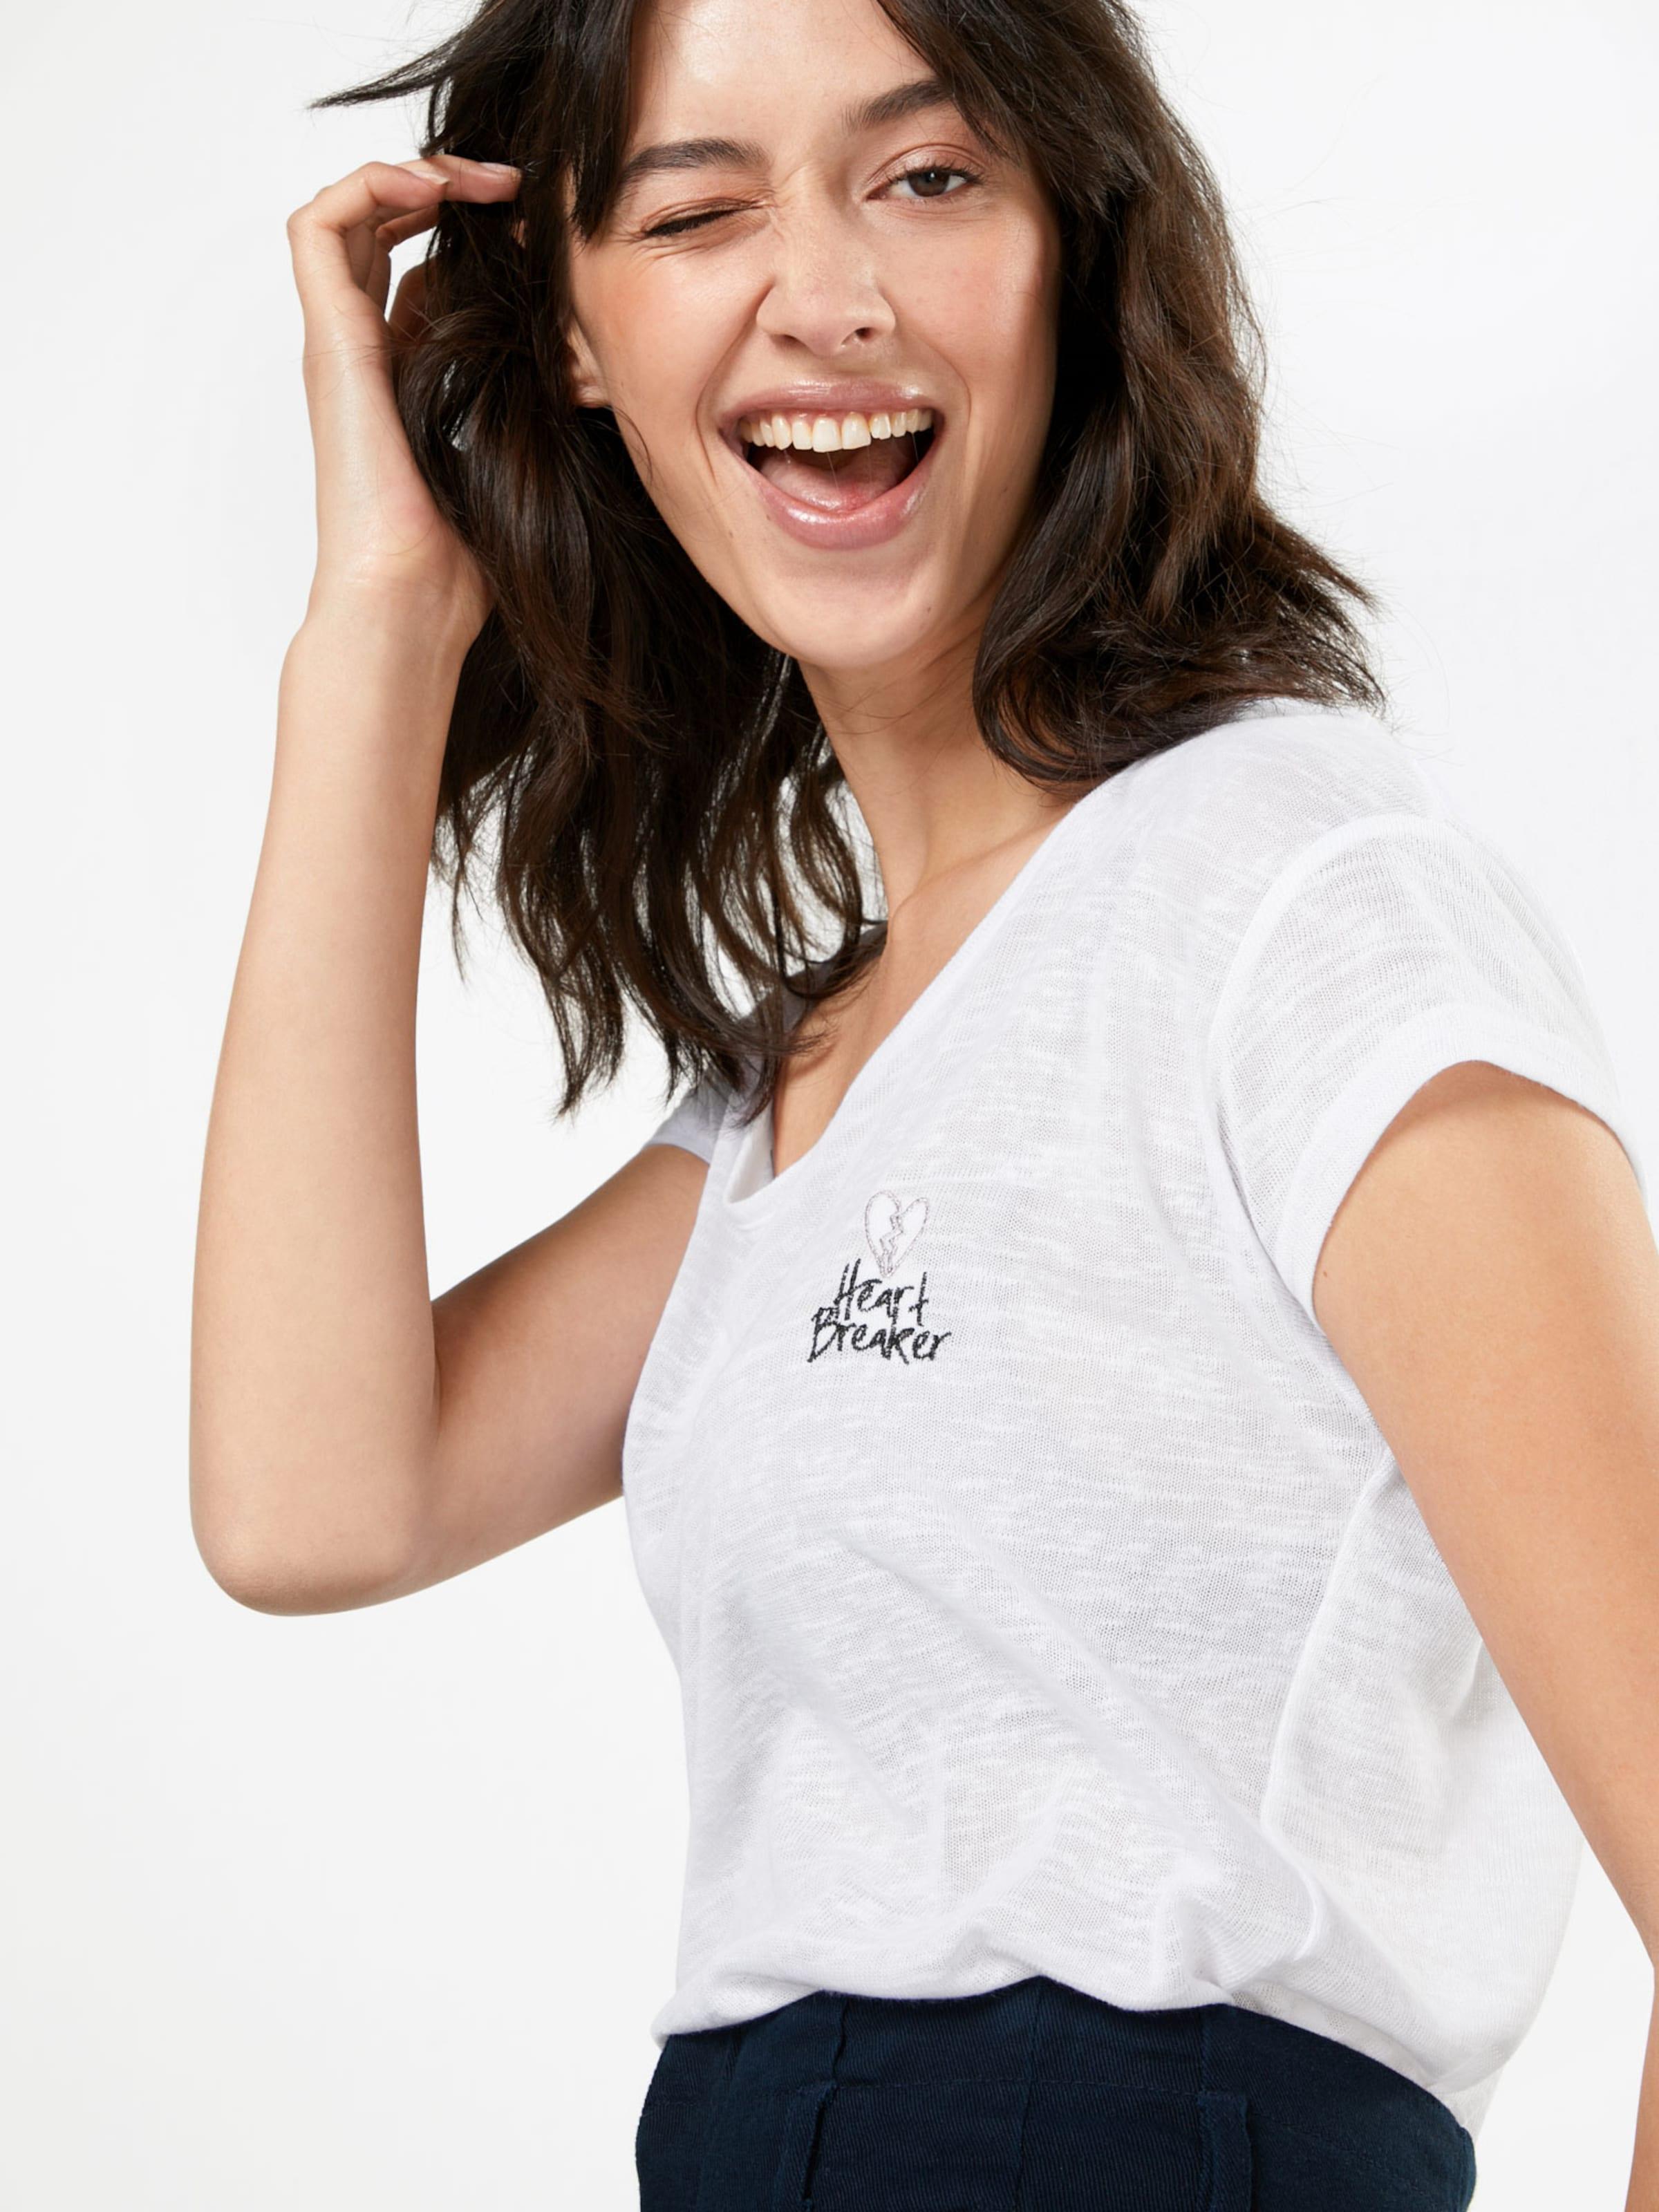 Vorbestellung Empfehlen Verkauf Online Review T-Shirt 'Chestembro' Auslass Freies Verschiffen Offiziell tY5hD